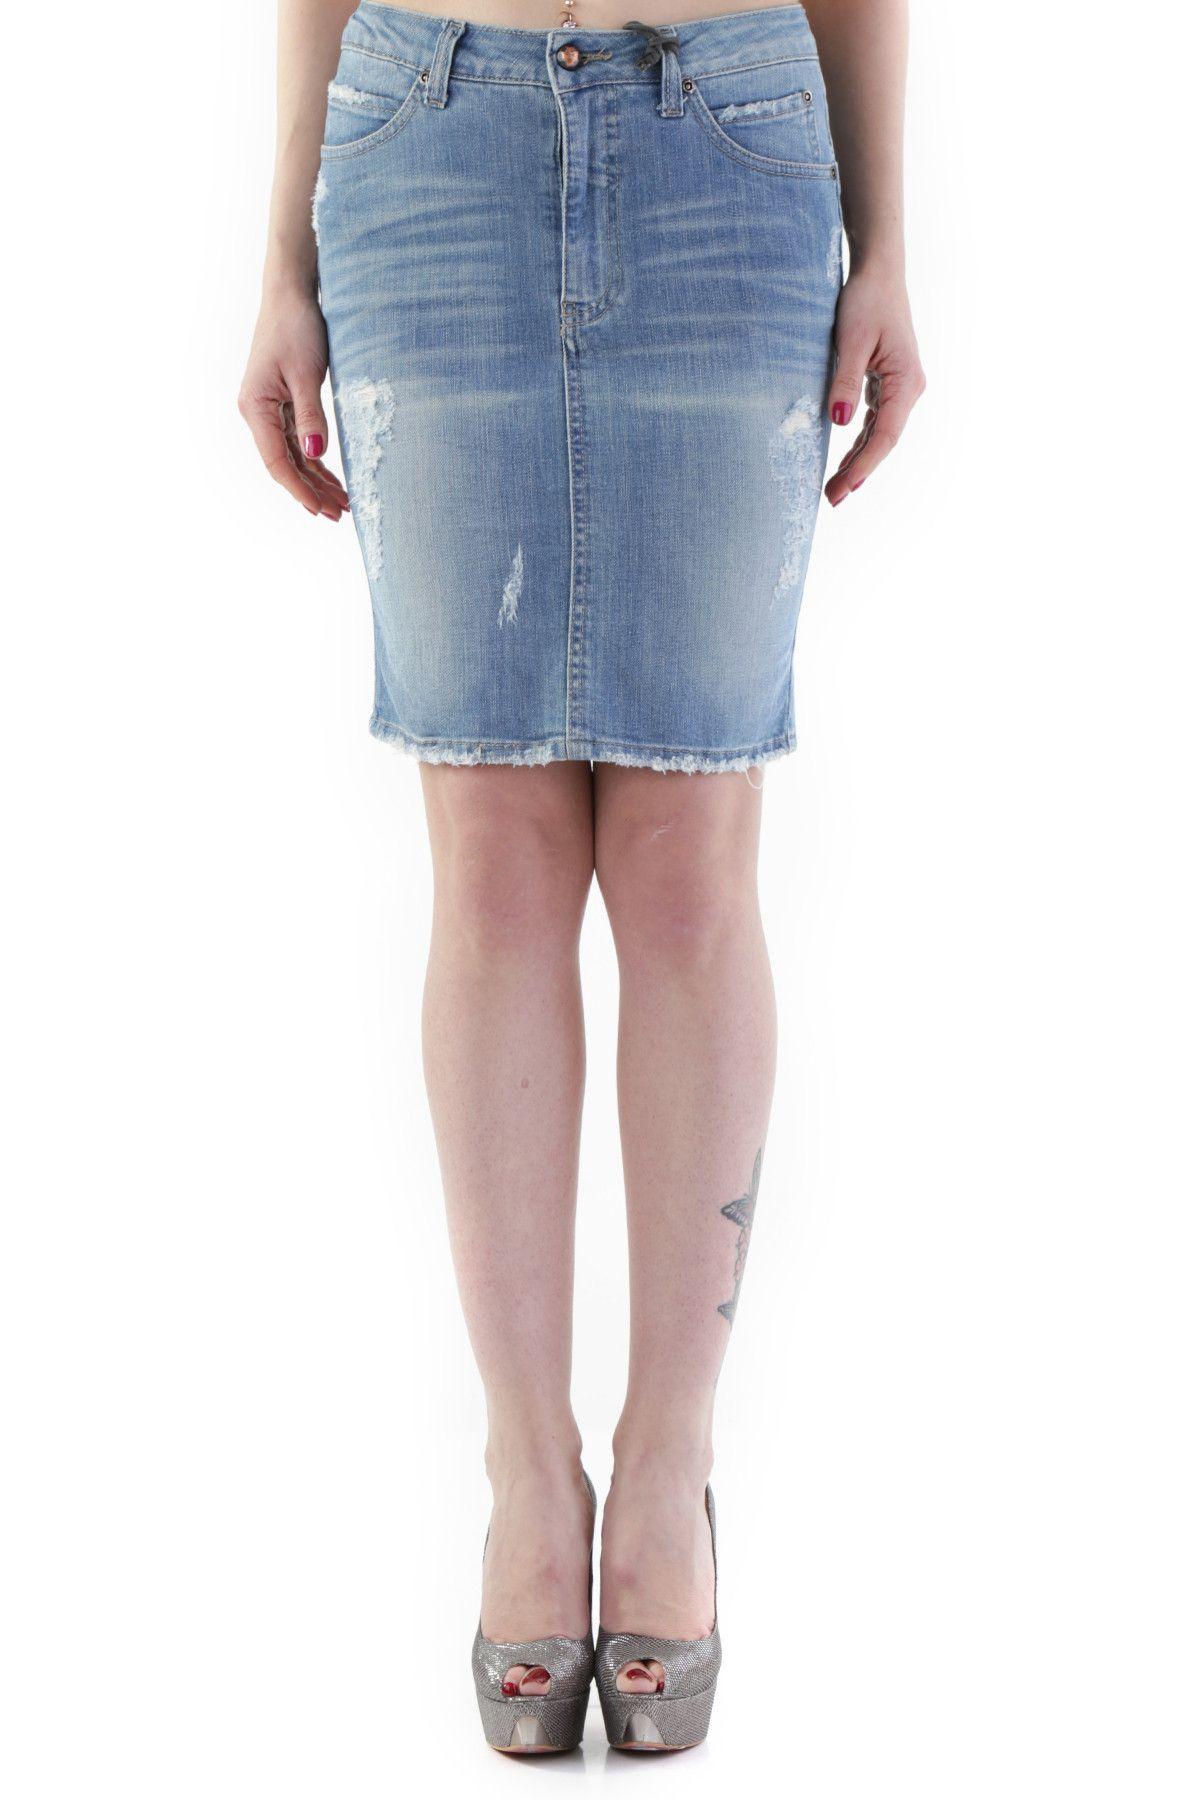 525 Women's Skirt In Blue